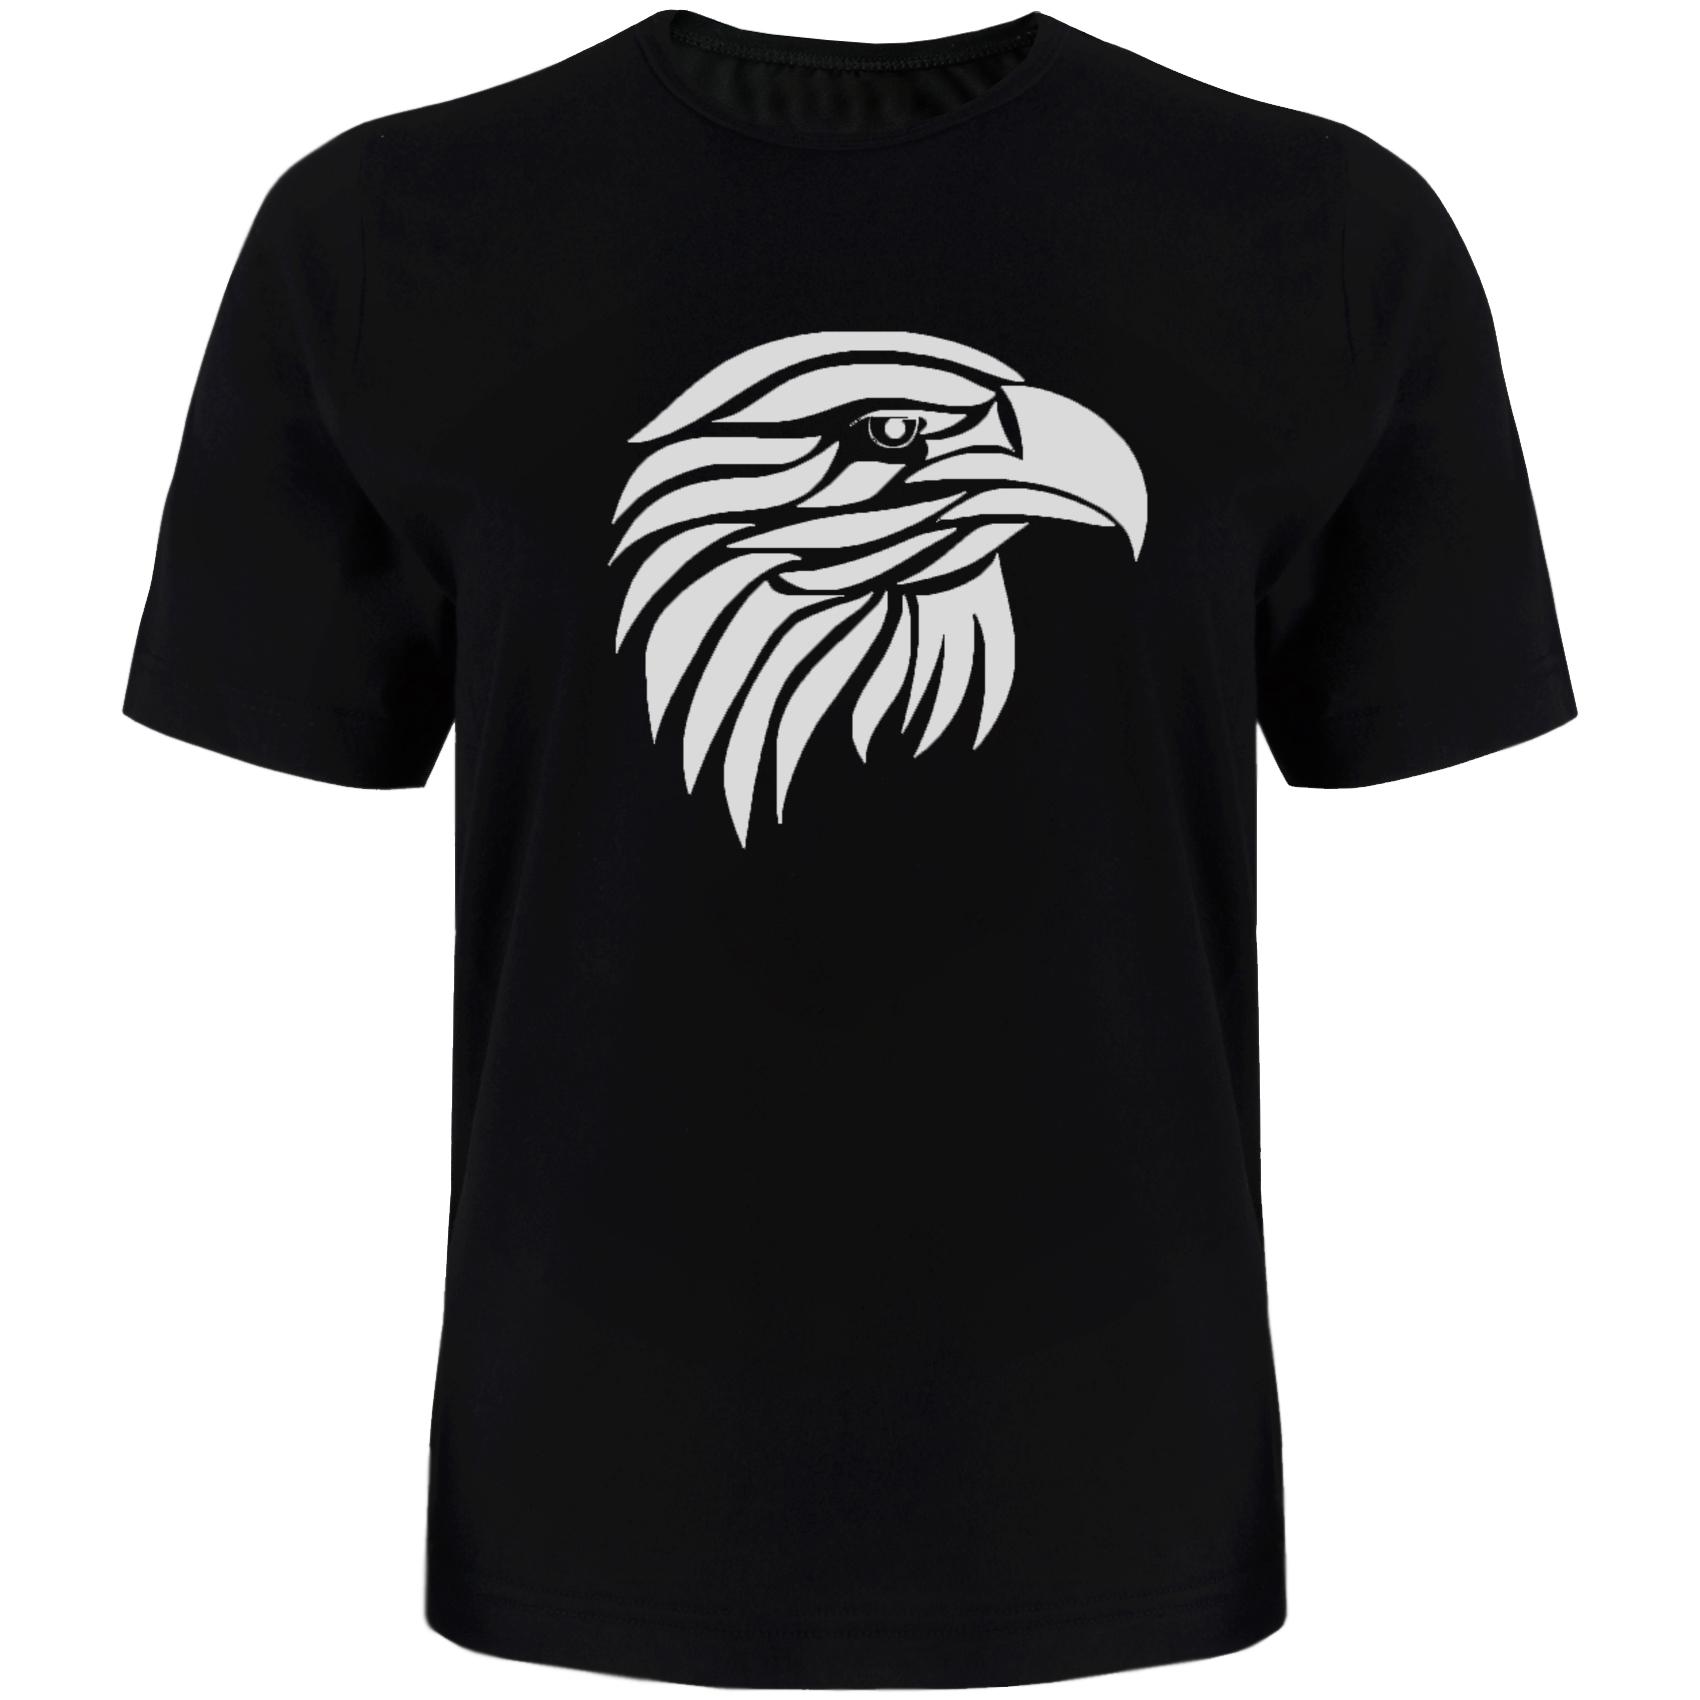 تی شرت آستین کوتاه مردانه طرح عقاب کد TR05 main 1 2